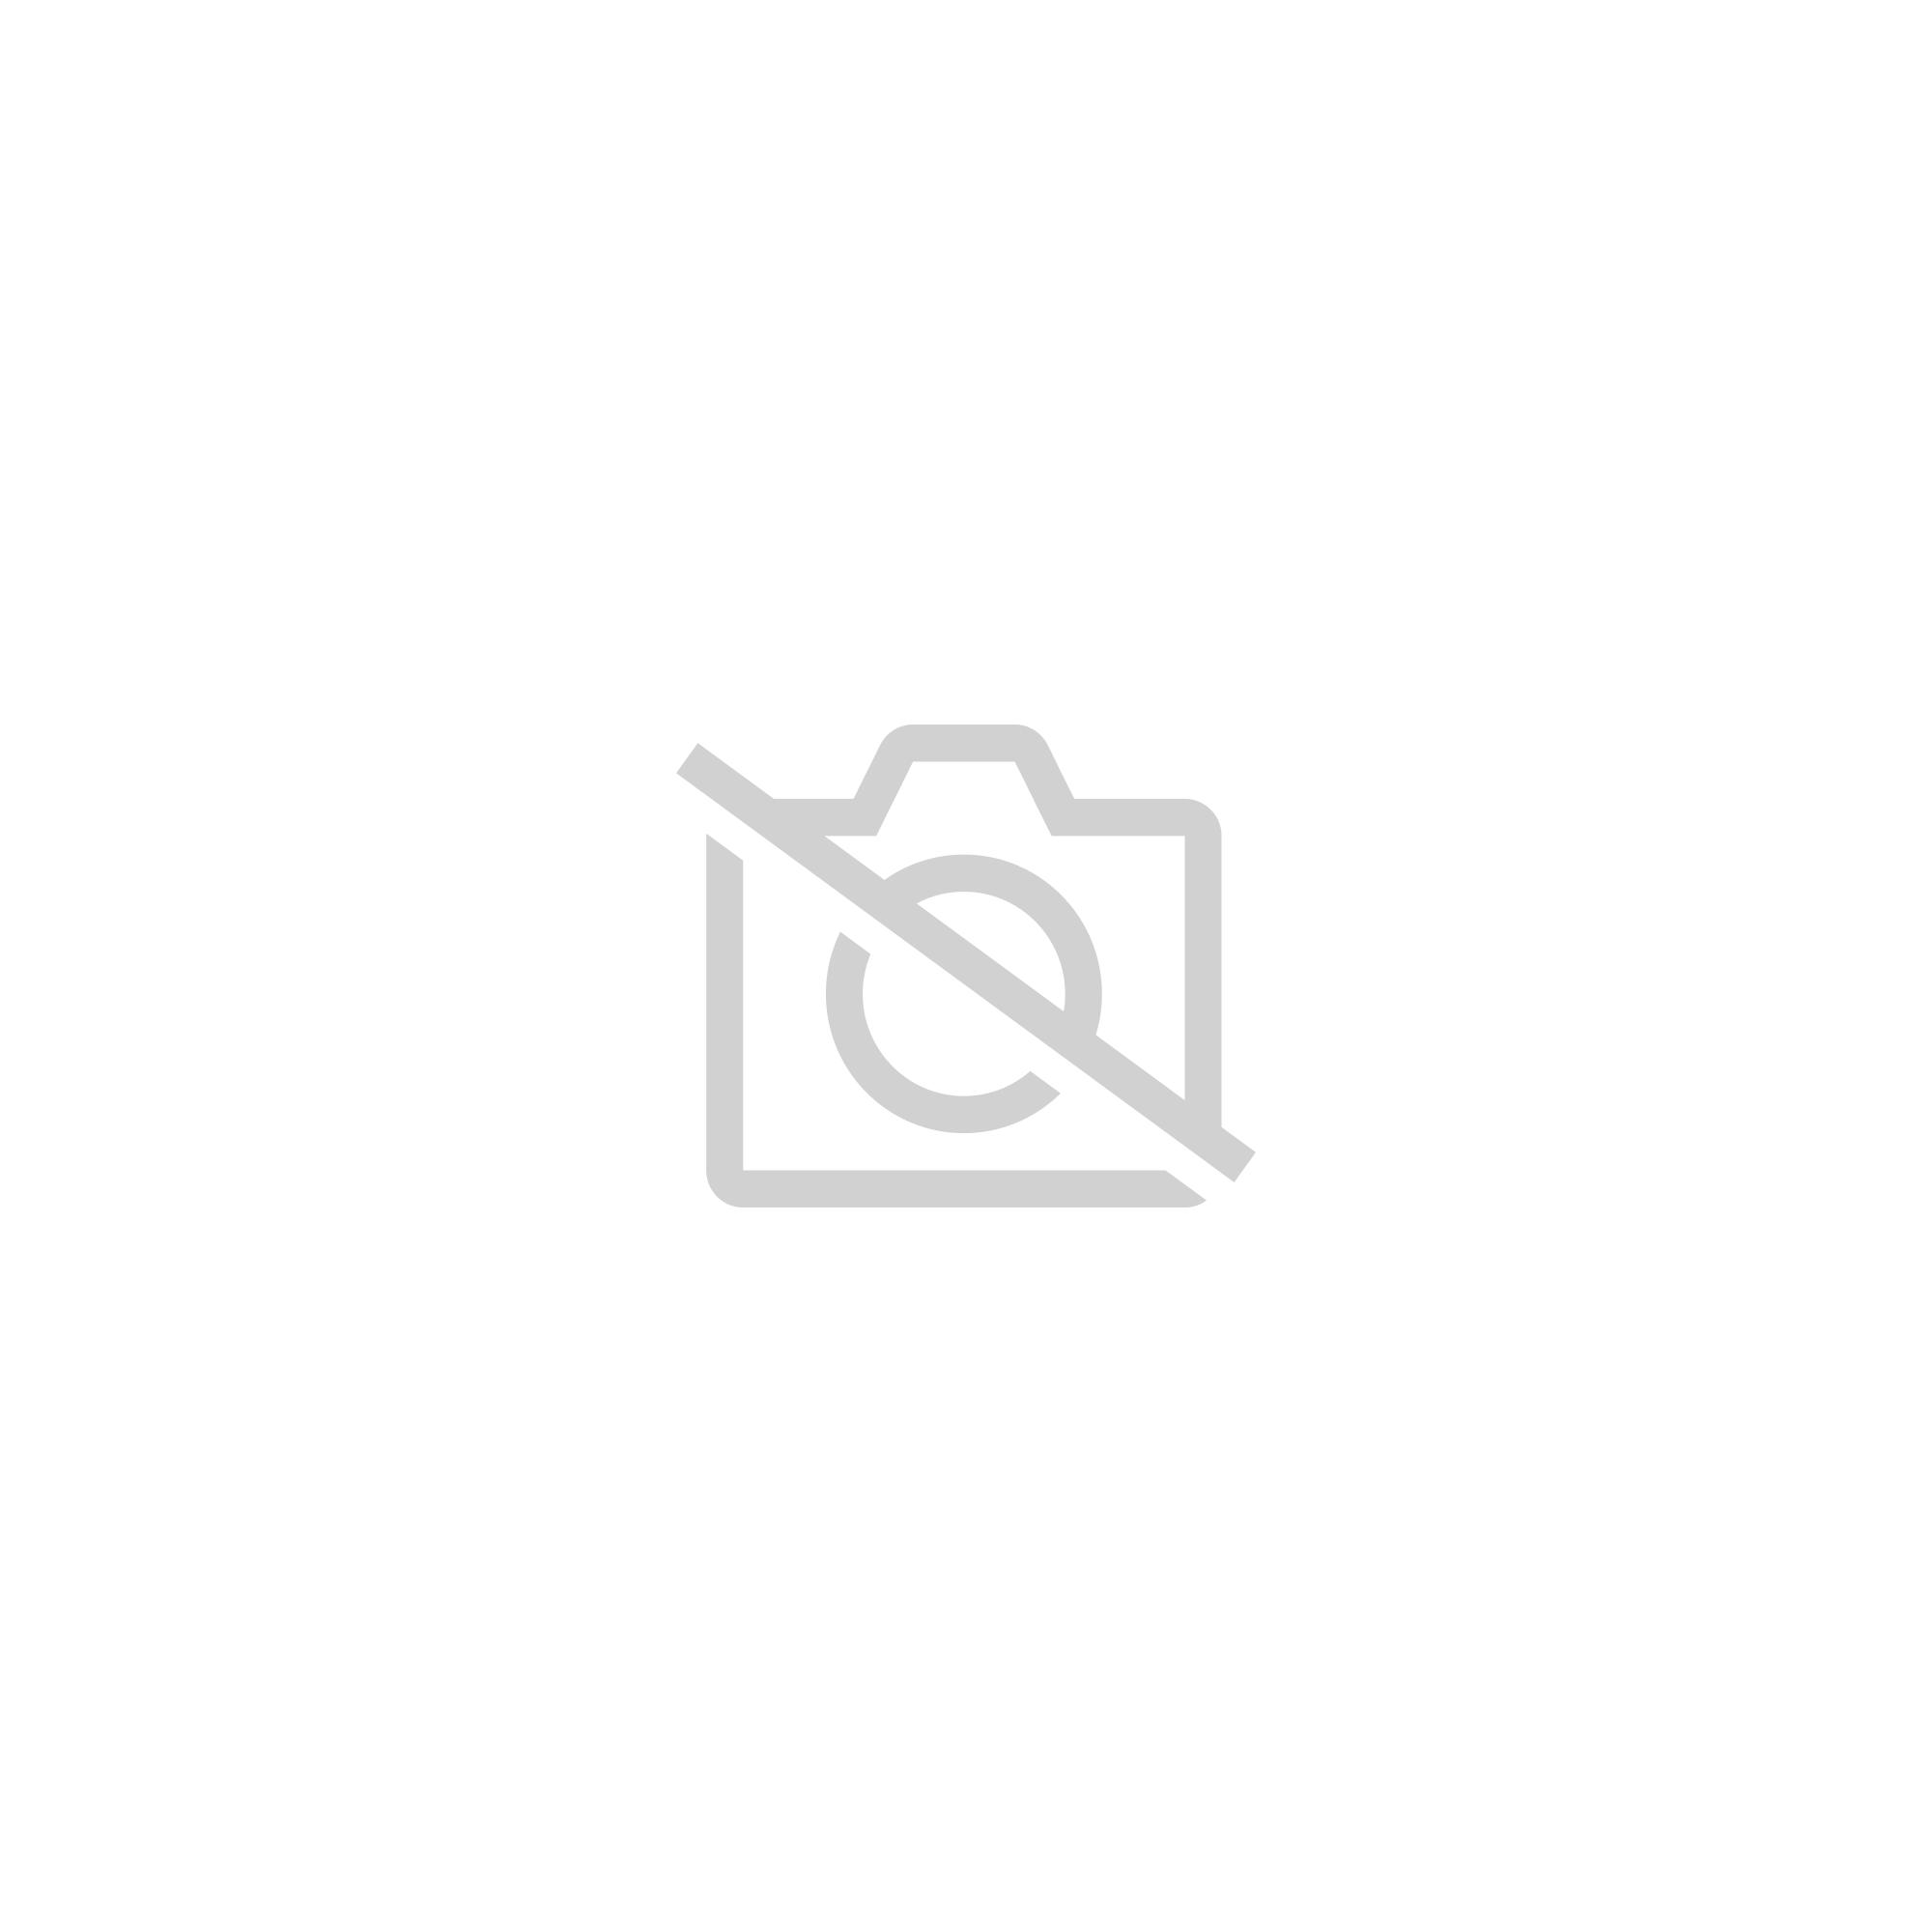 Kyocera Mita FS-1128MFP - Multifonction (télécopieur / photocopieuse / imprimante / scanner) ( Noir et blanc )